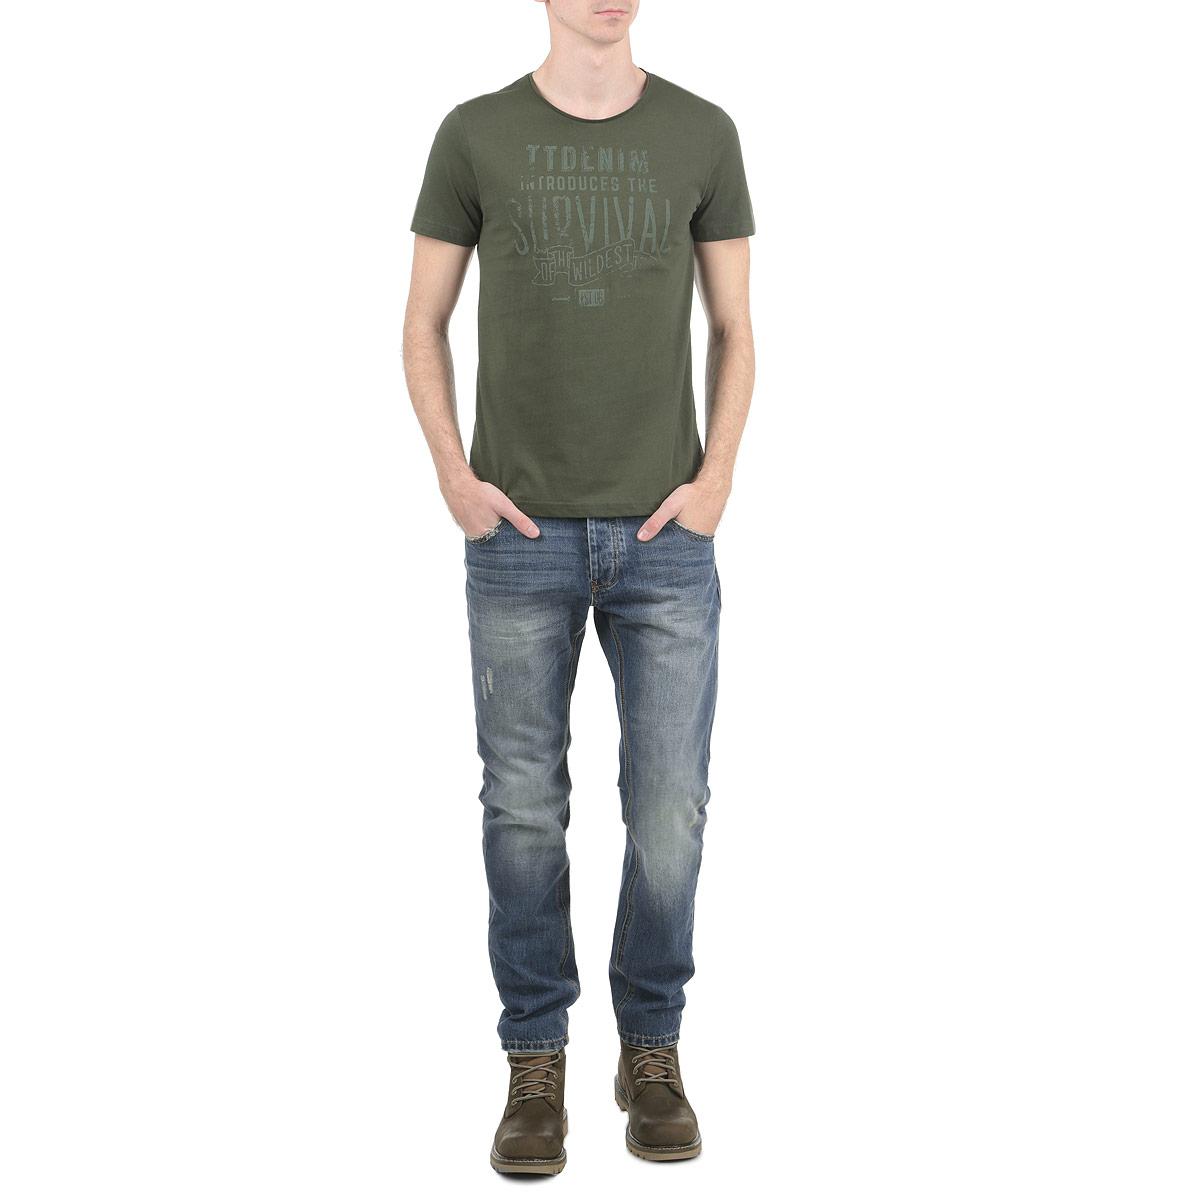 Джинсы мужские Jake. 1015306610153066_538Стильные мужские джинсы Broadway - джинсы высочайшего качества на каждый день, которые прекрасно сидят. Модель зауженного к низу кроя и средней посадки изготовлена из высококачественного материала. Изделие оформлено контрастной отстрочкой. Застегиваются джинсы на пуговицу в поясе и ширинку на молнии, имеются шлевки для ремня. Спереди модель оформлены двумя втачными карманами и одним небольшим секретным кармашком, а сзади - двумя накладными карманами. Эти модные и в тоже время комфортные джинсы послужат отличным дополнением к вашему гардеробу. В них вы всегда будете чувствовать себя уютно и комфортно.